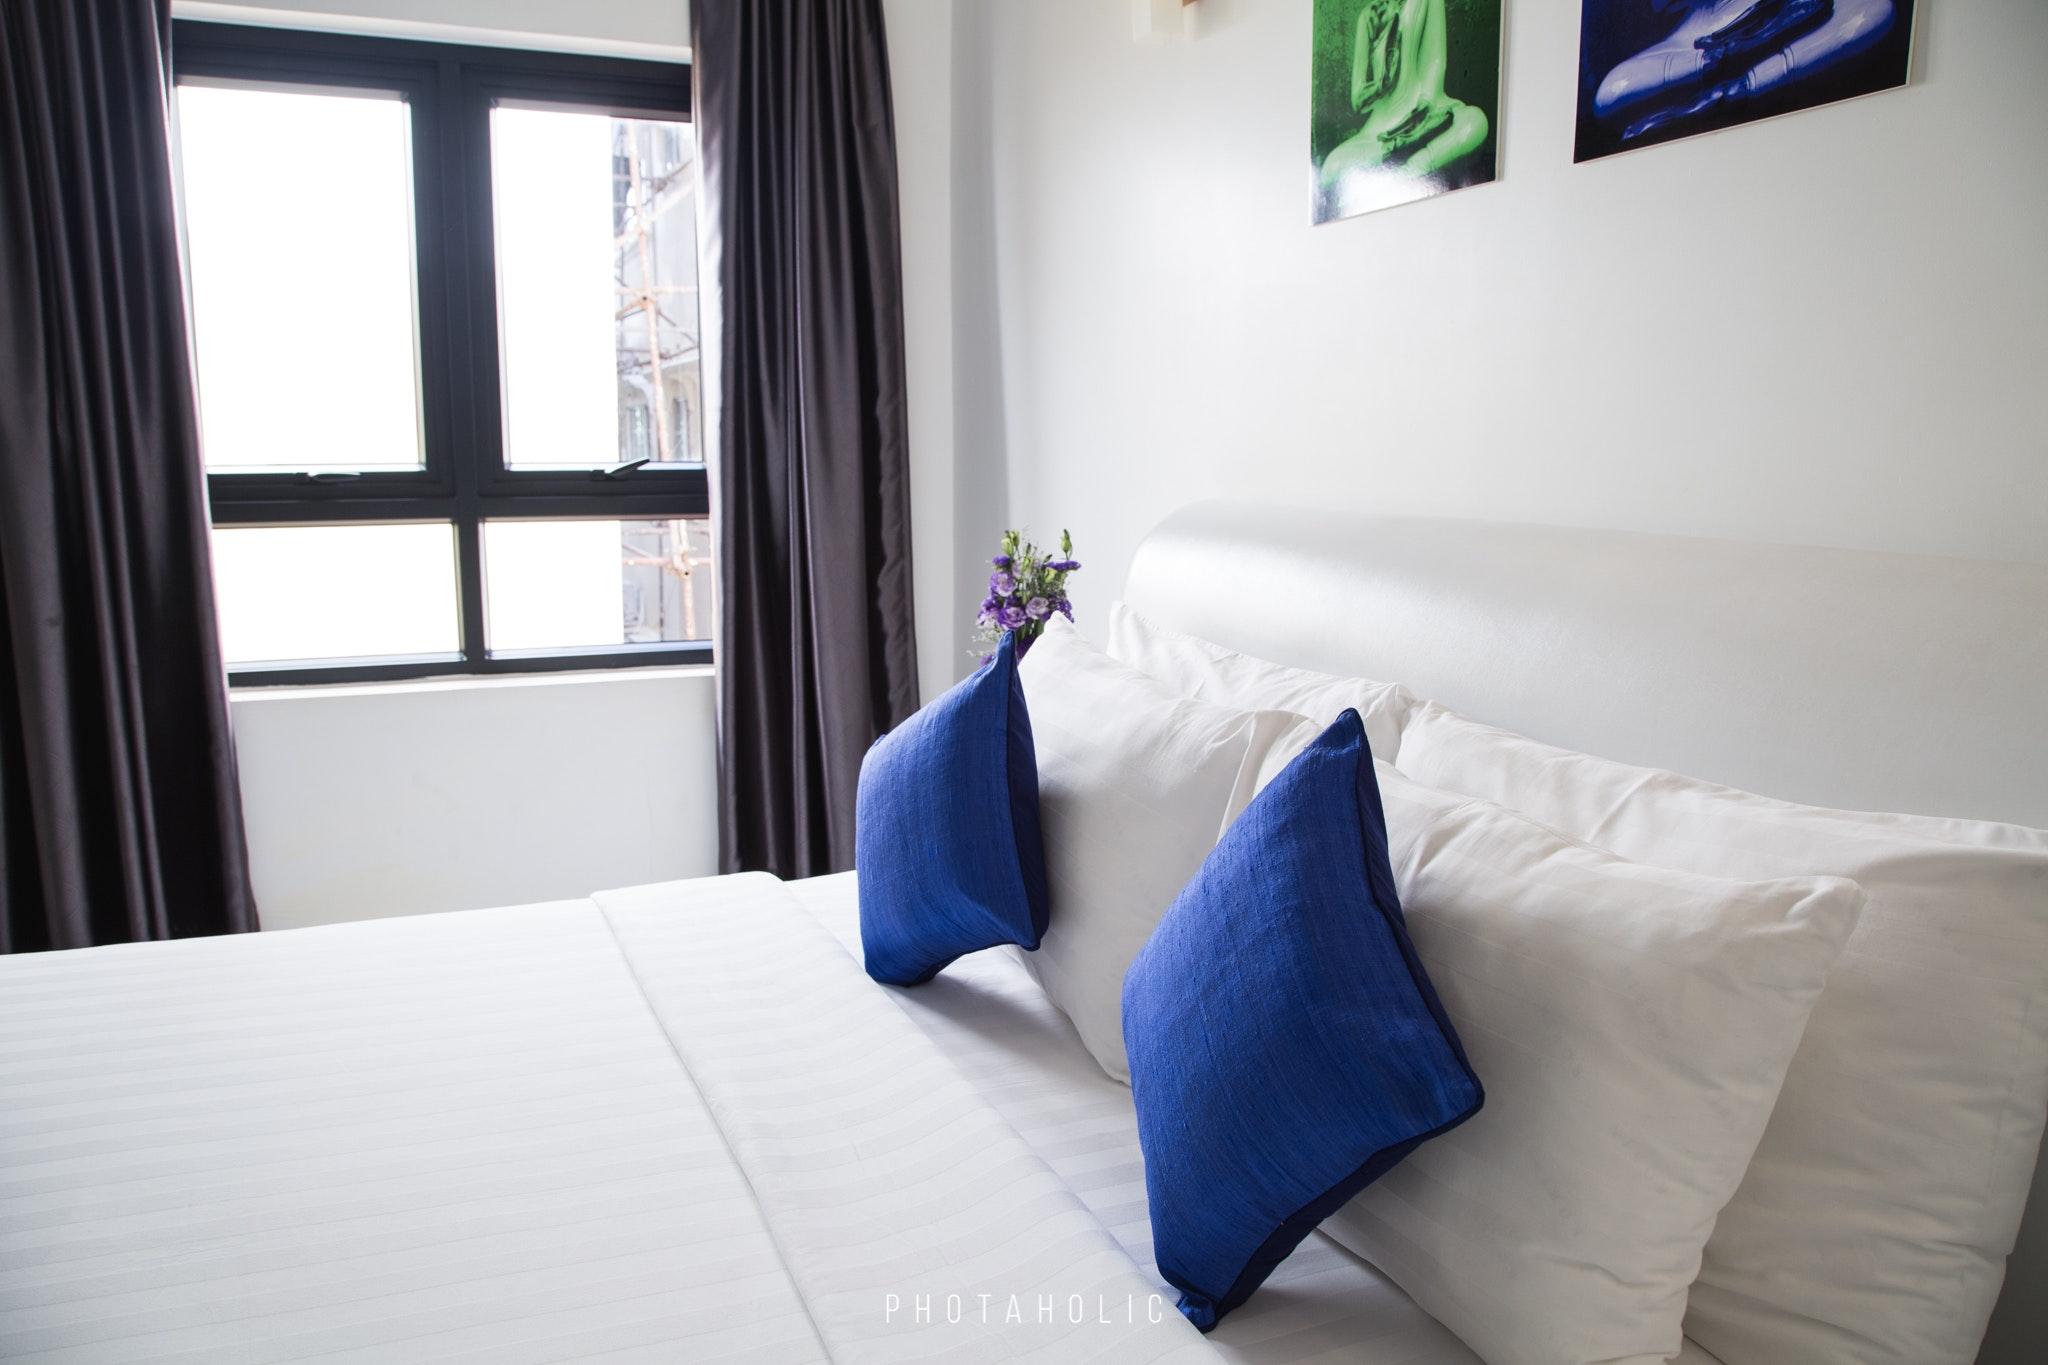 Matratzenhülle wasserdicht mit blauen Kissen